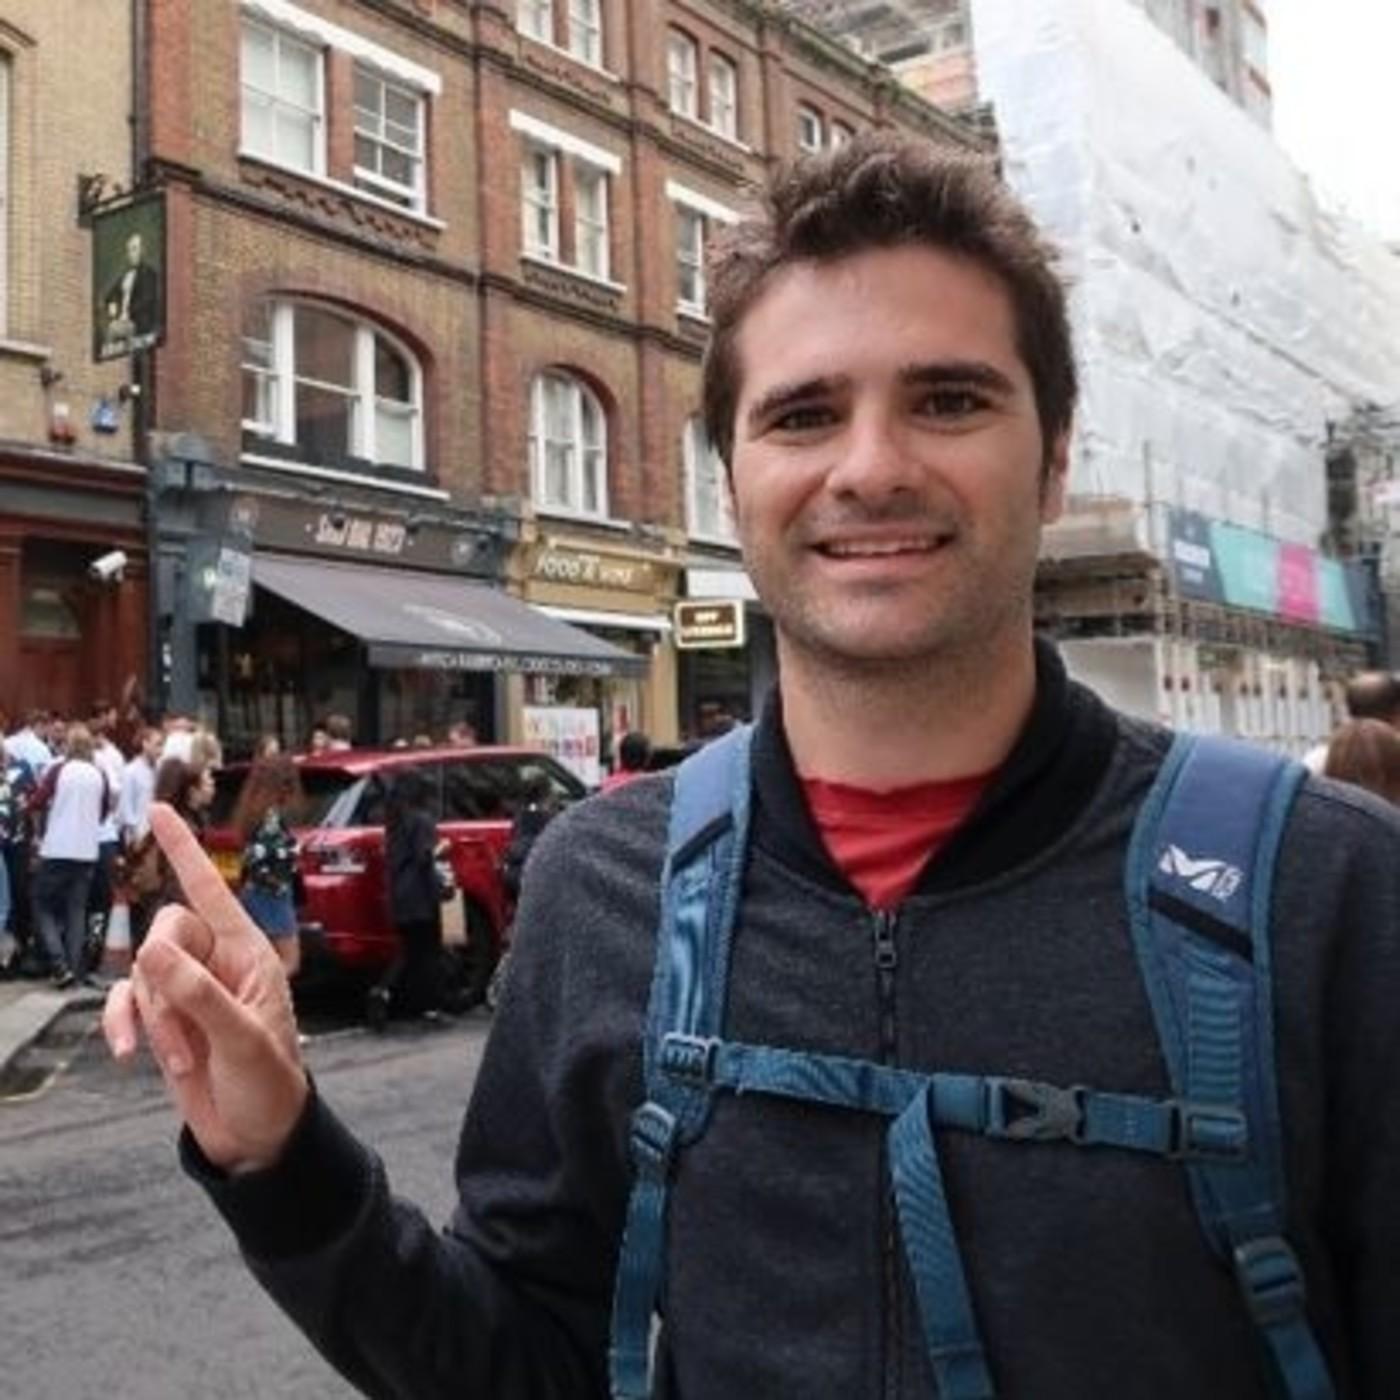 Entrevista a Jordi Ollé, analista de datos y creador del blog Conceptos Claros